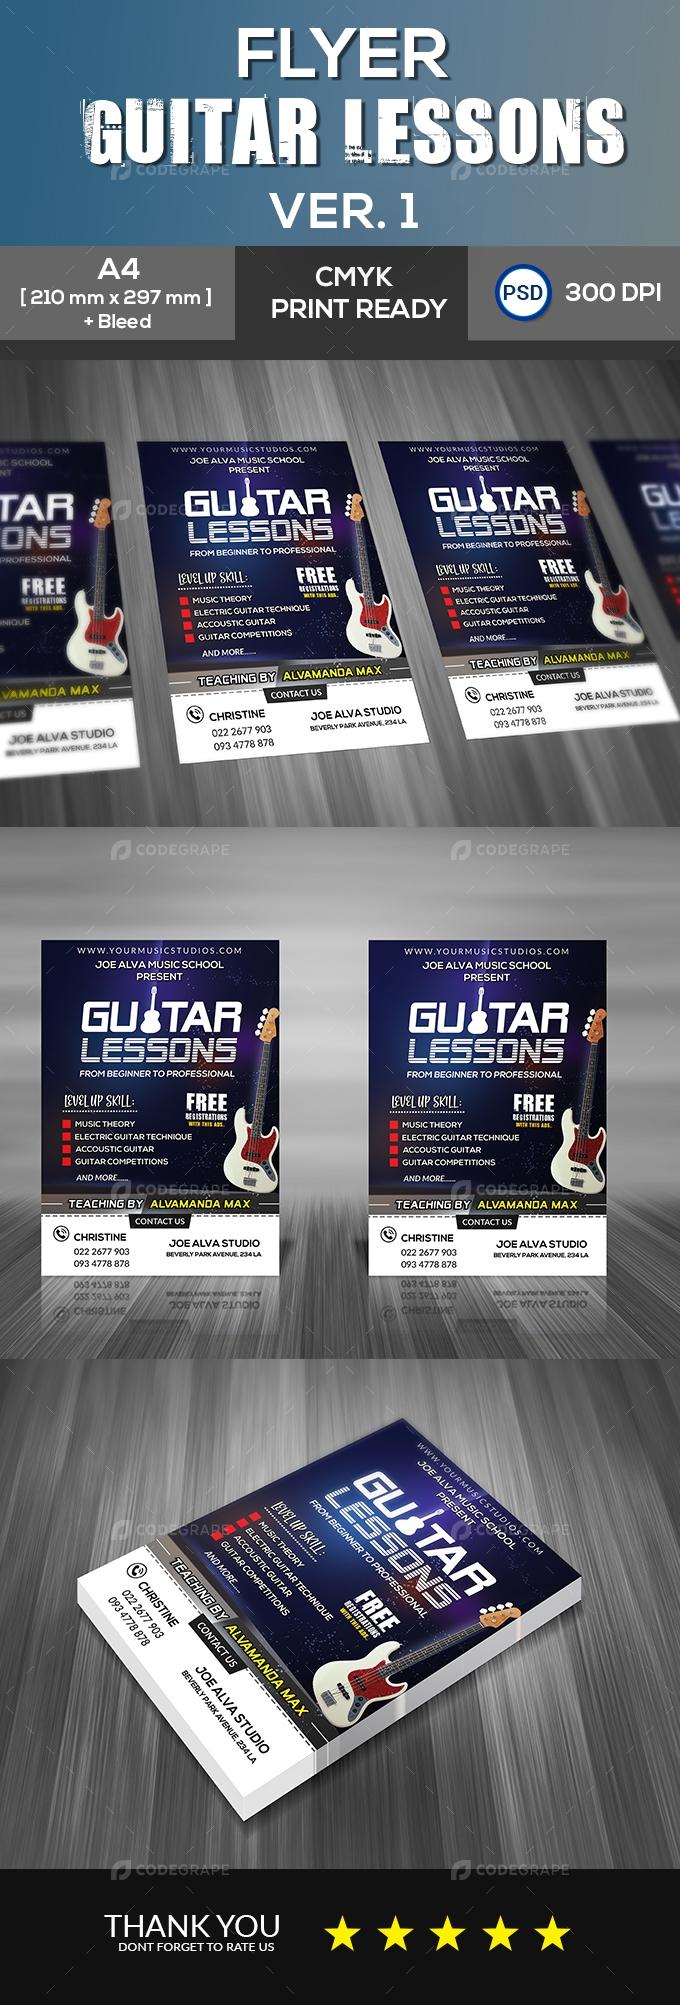 Guitar Lessons v1 Flyer